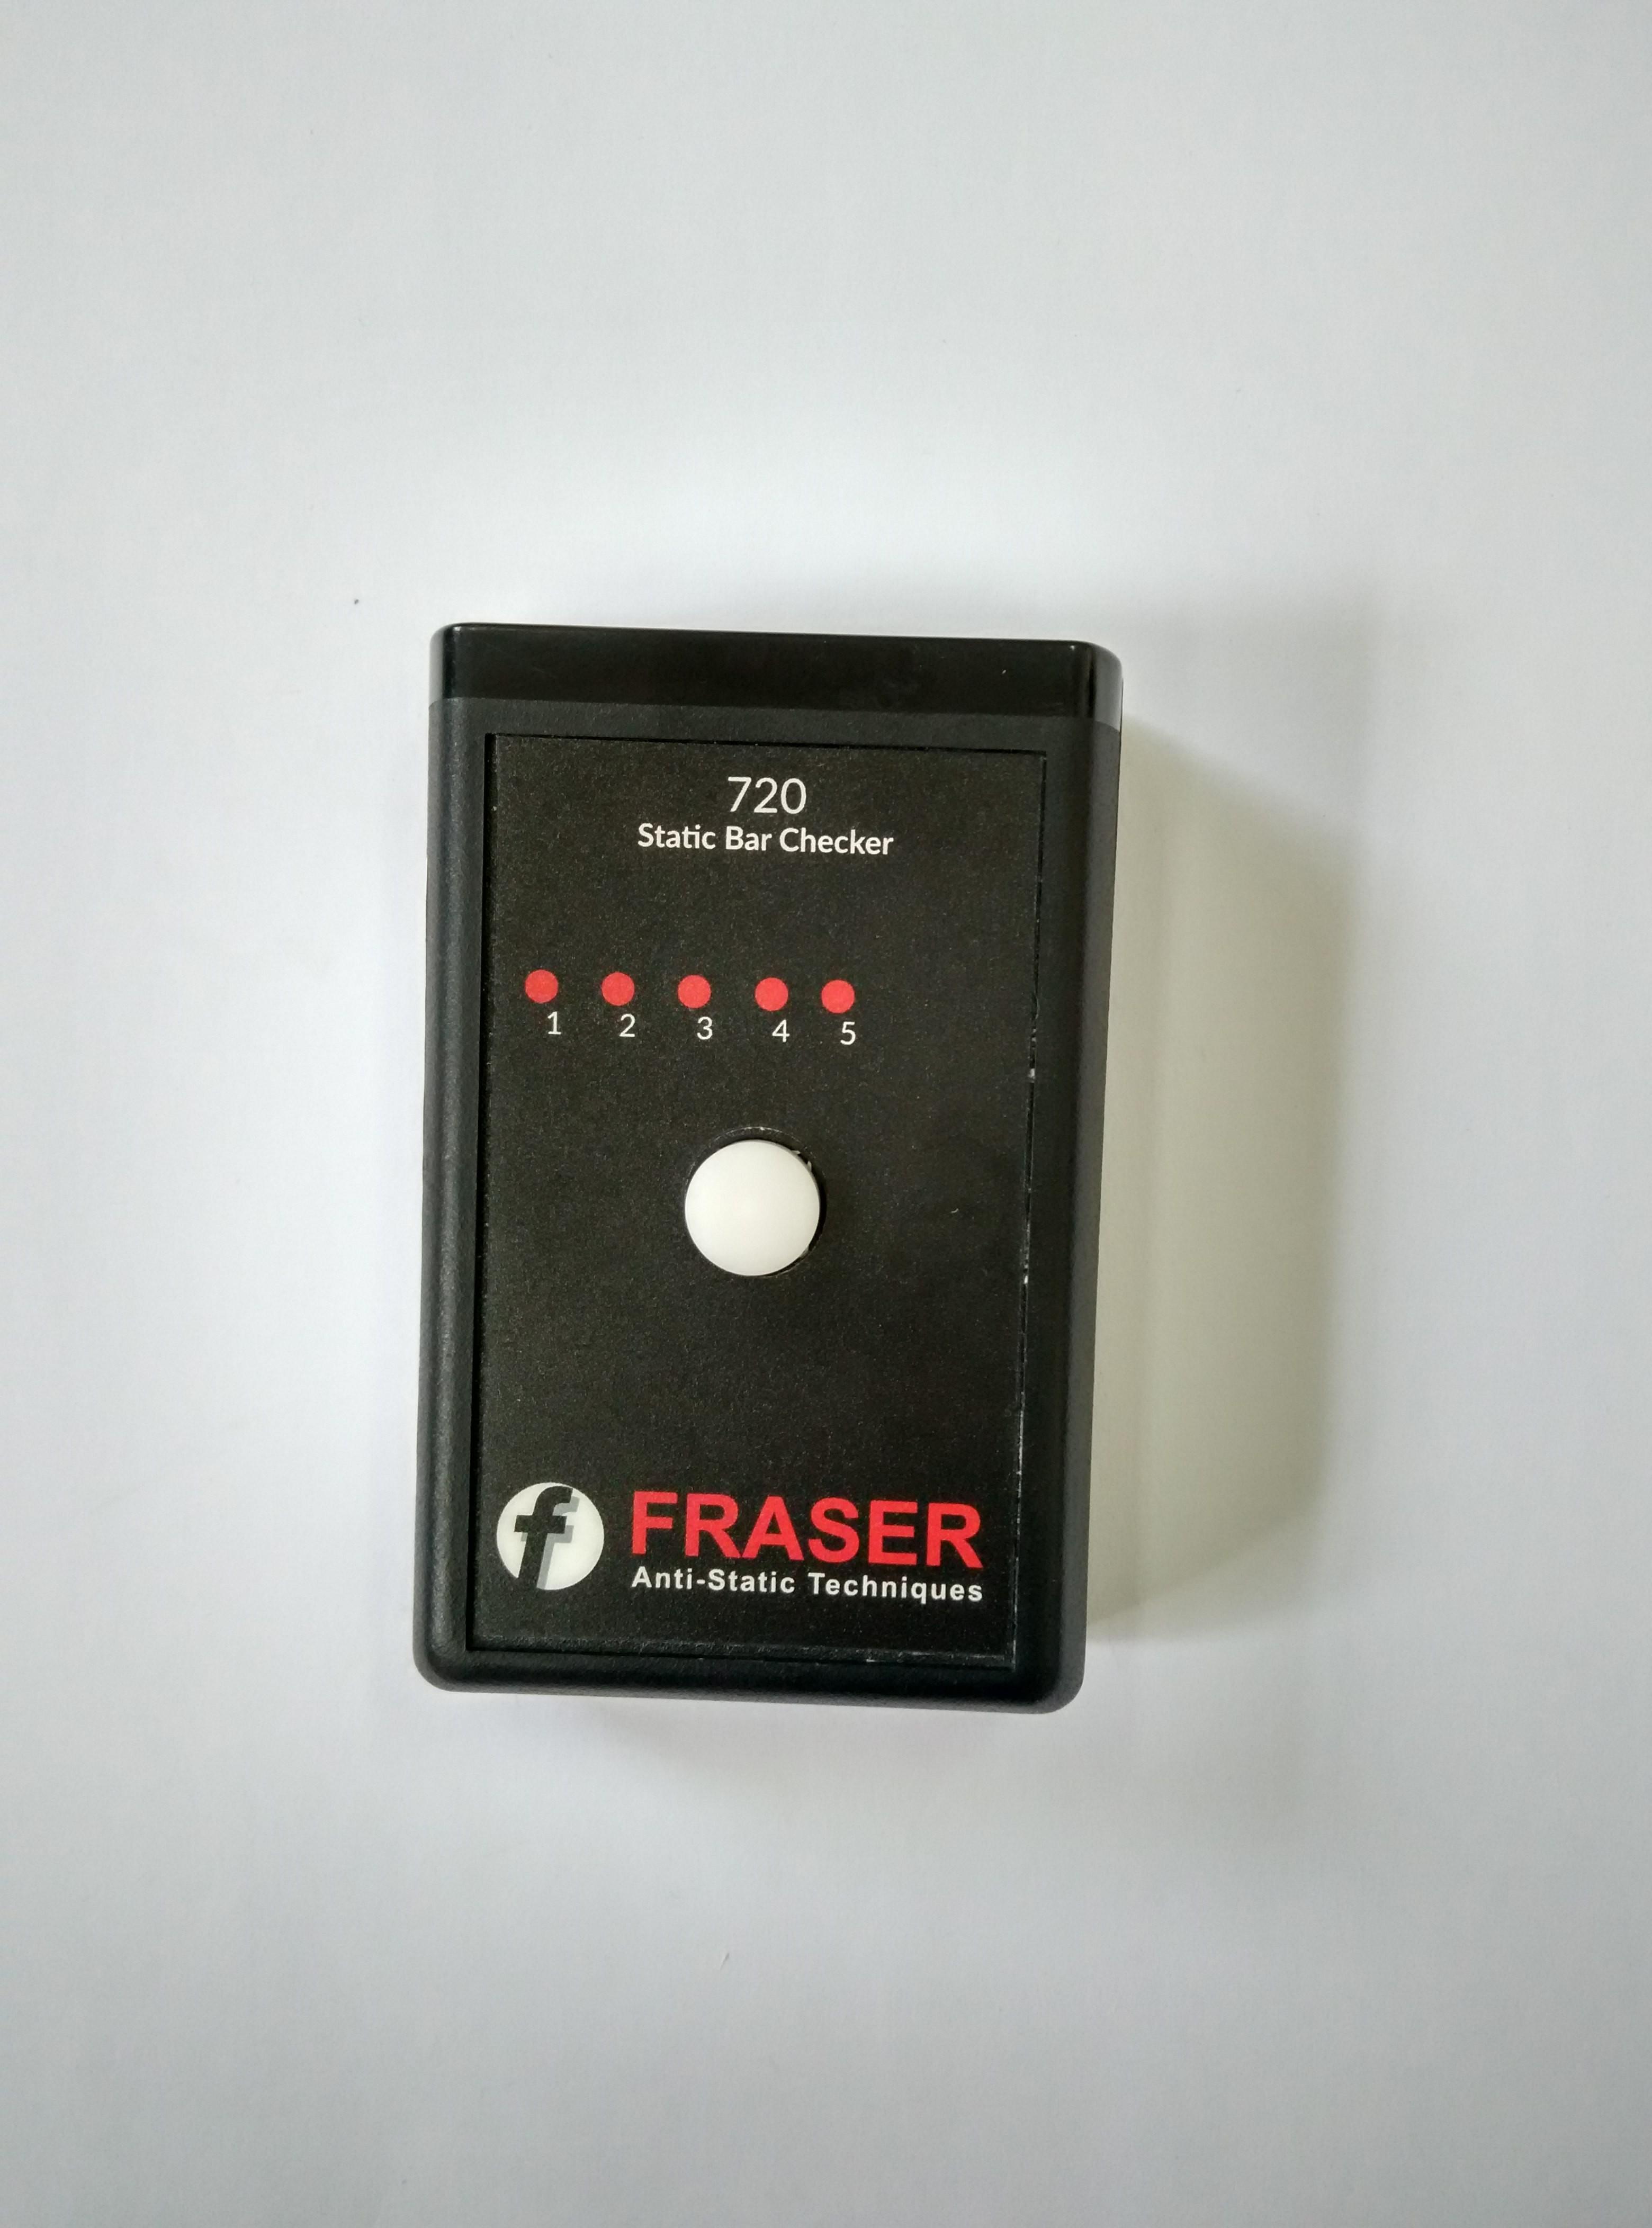 FRASER720离子棒检测器